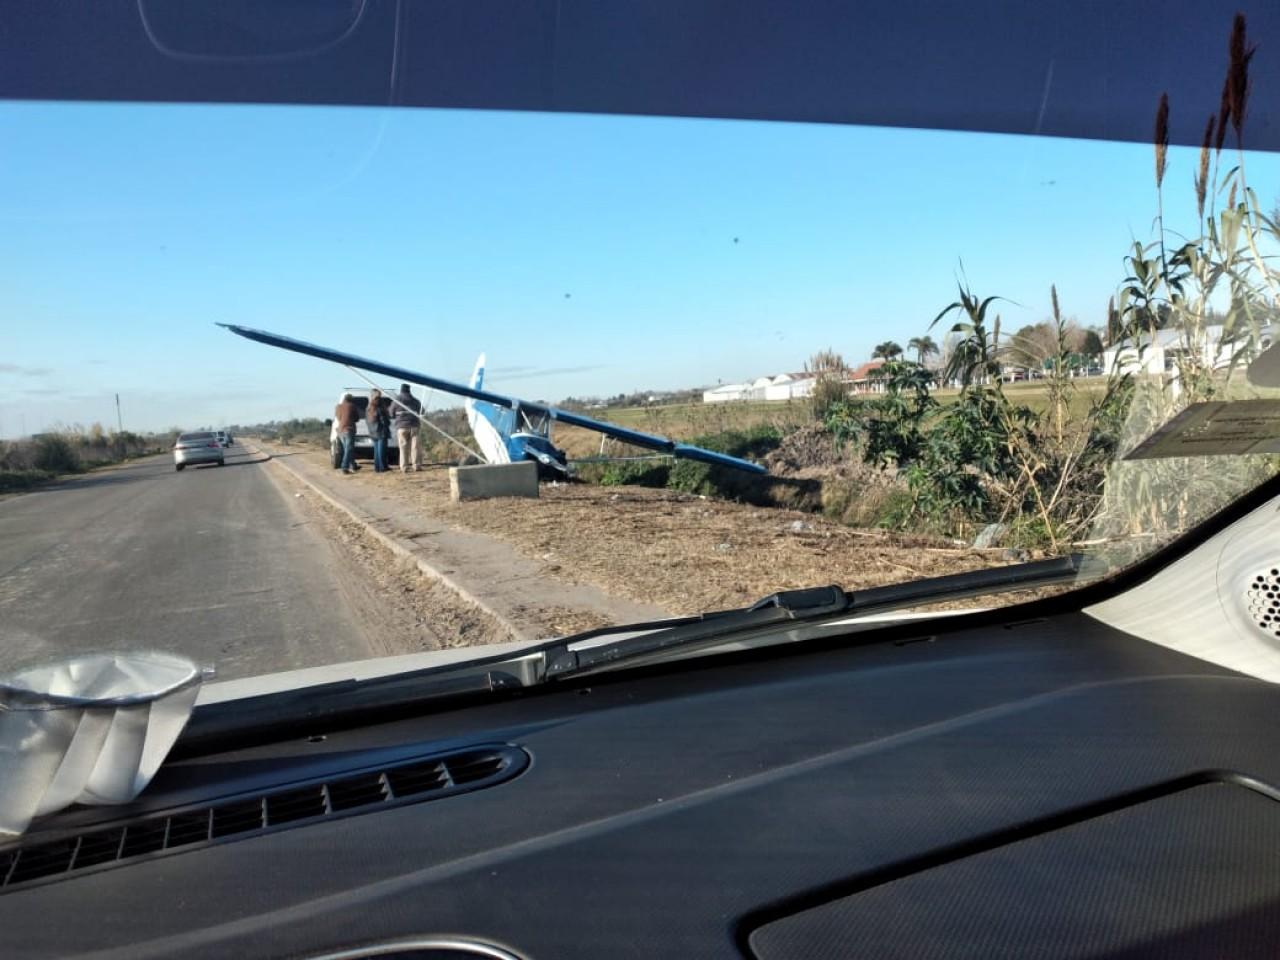 La avioneta, vista desde un automóvil que circulaba por el lugar.